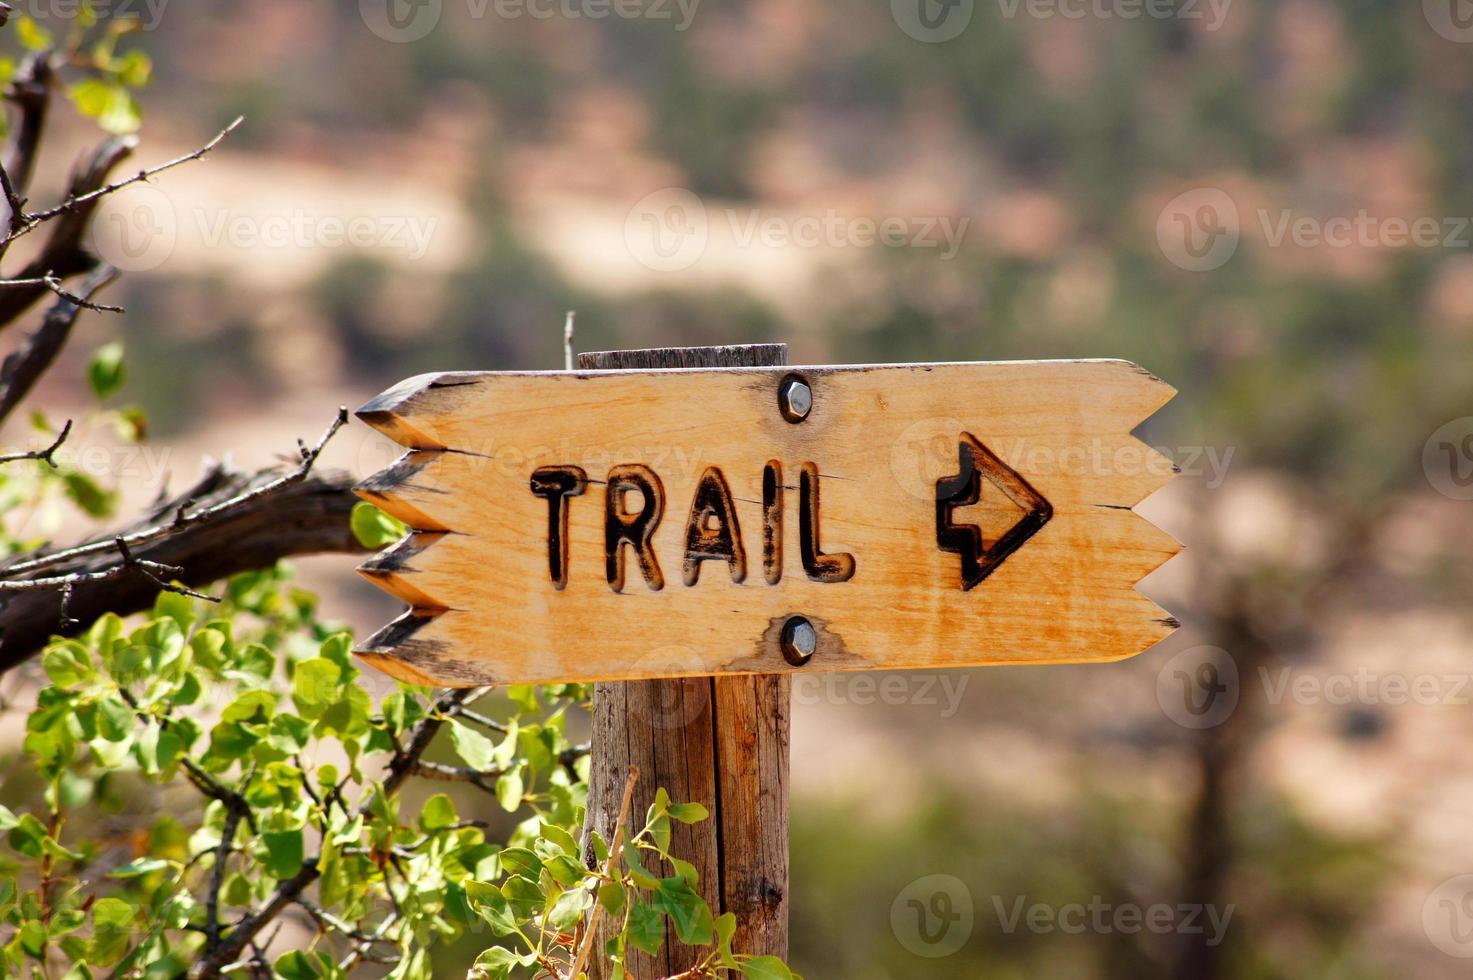 bruin richtingbord voor een pad dat naar rechts wijst foto